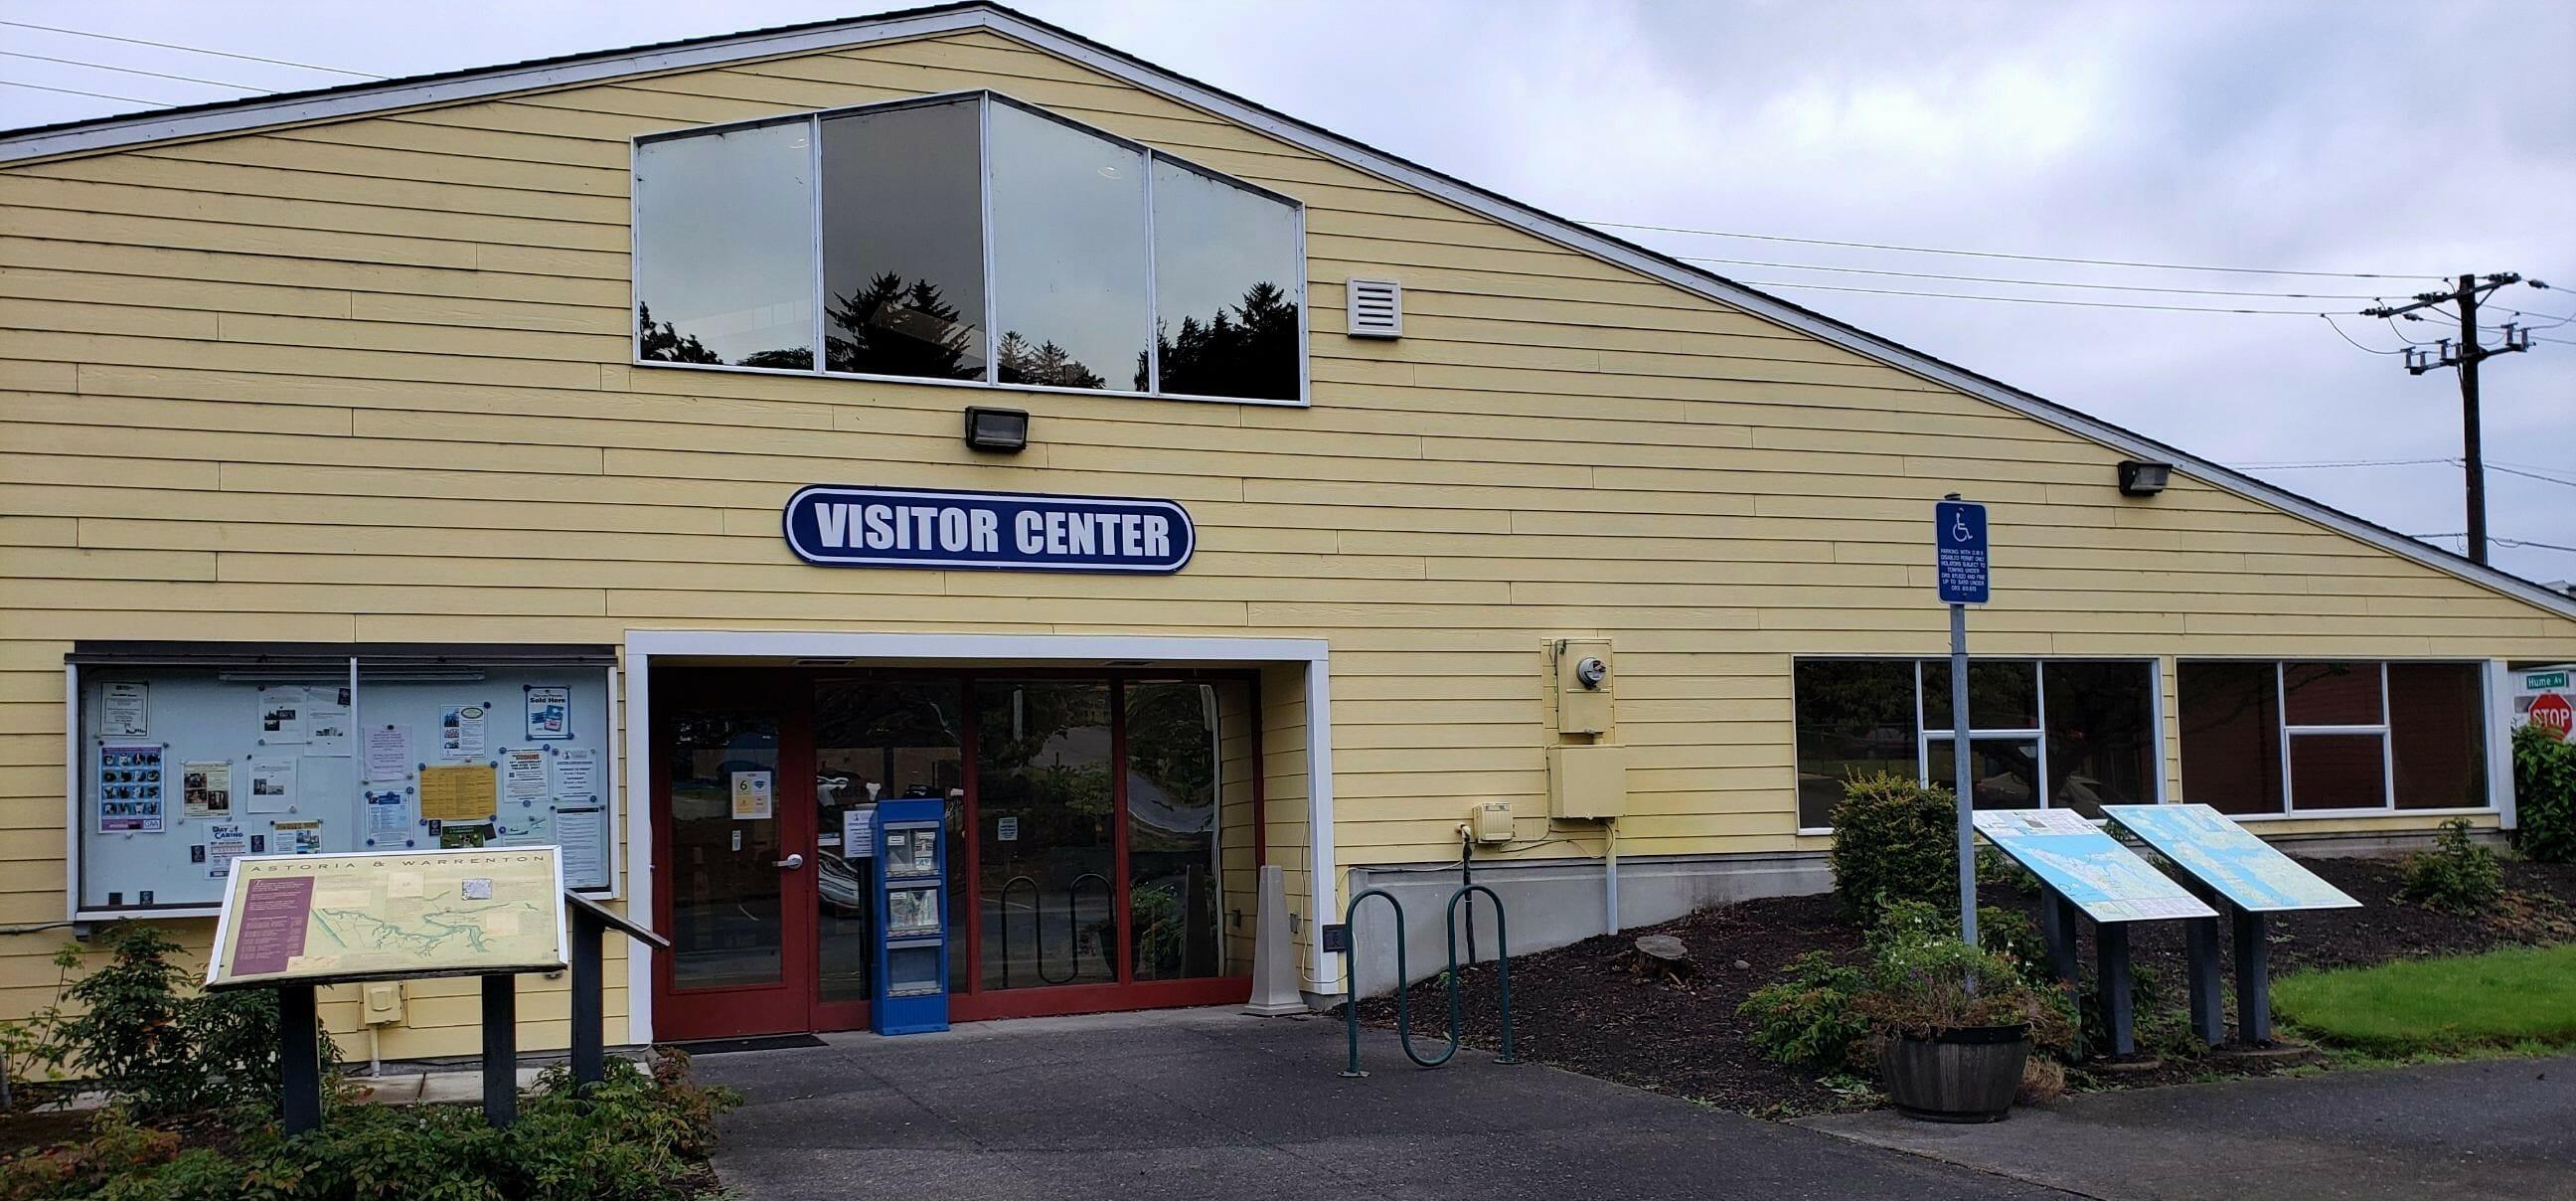 Visitor Center Exterior South 102020 1rev